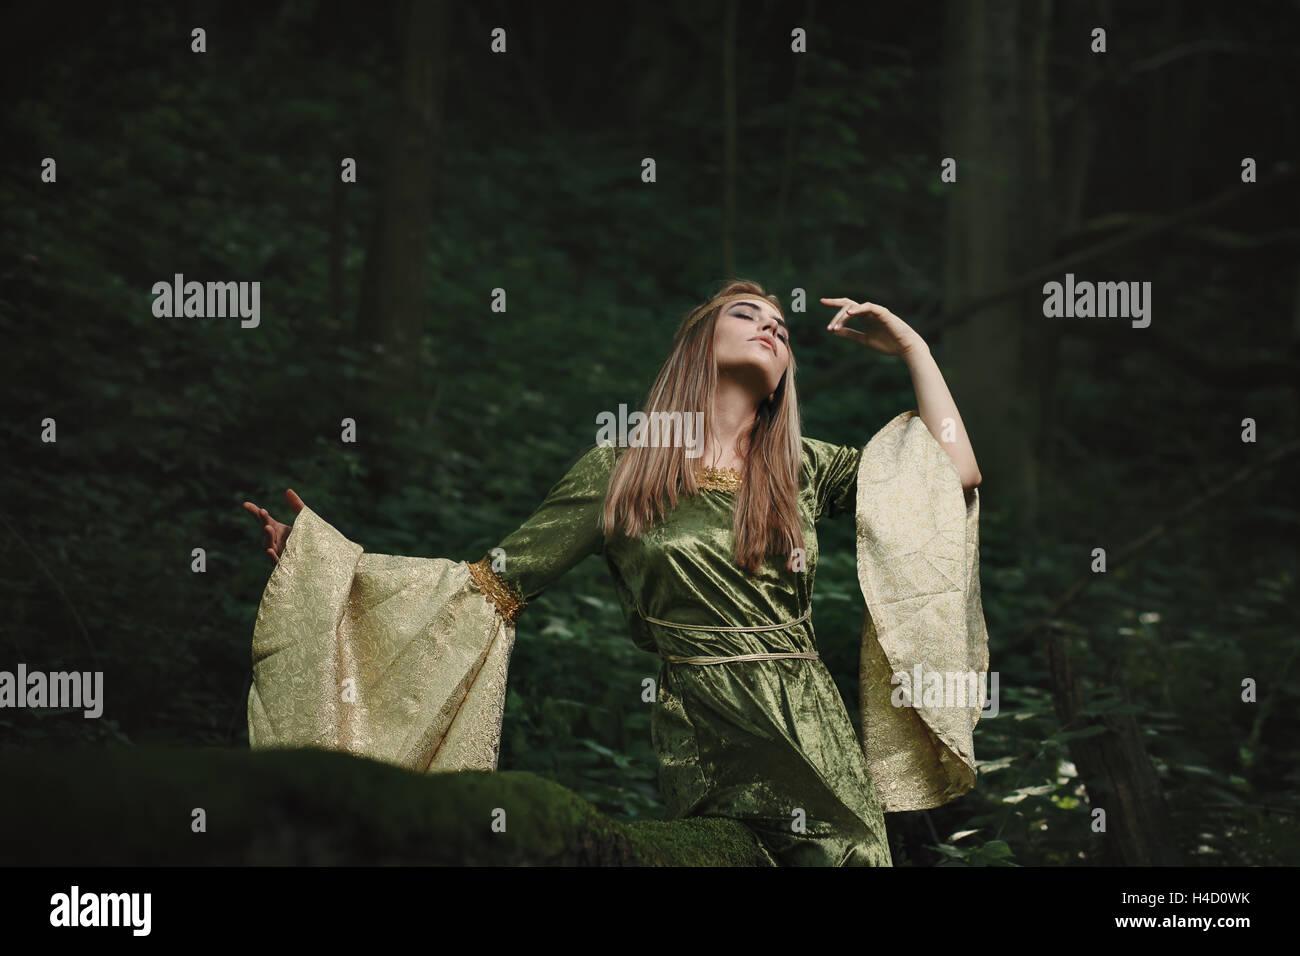 Elfin queen dancing in magical woods. Fairytale and fantasy - Stock Image